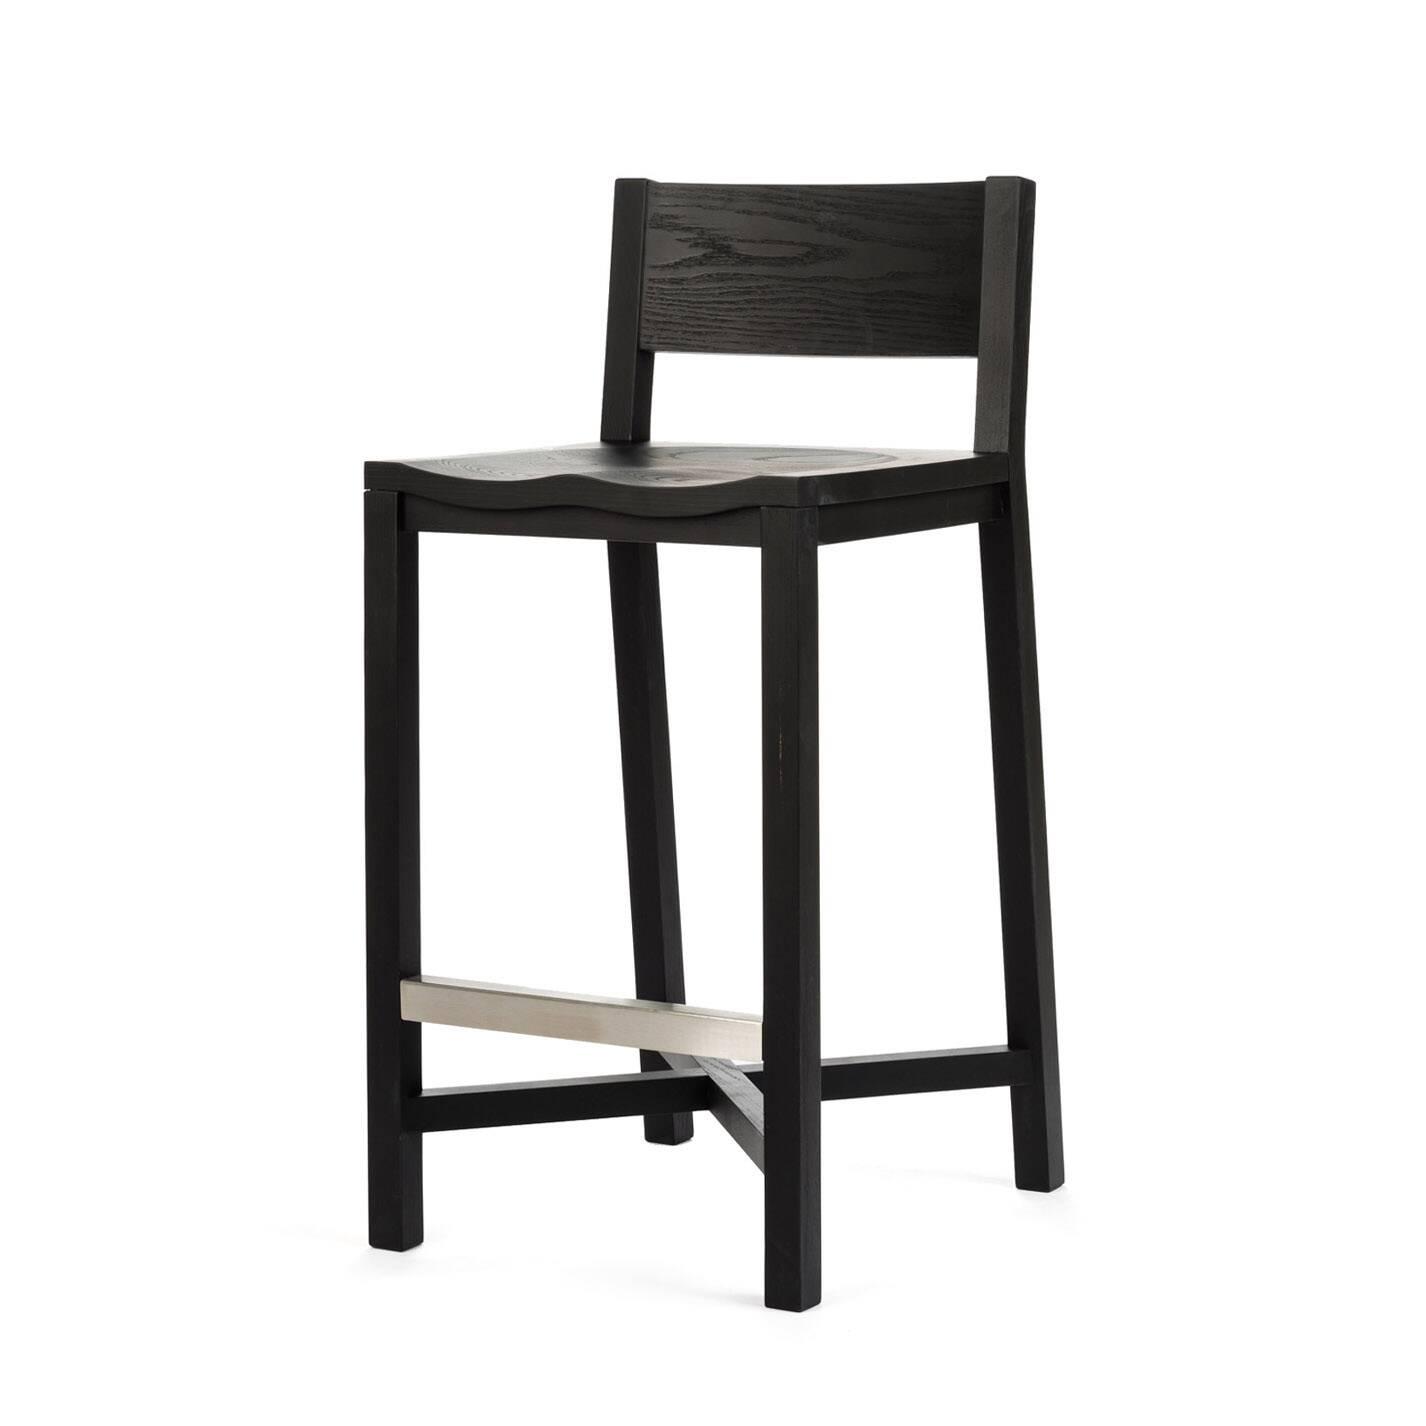 Полубарный стул TomokoПолубарные<br>Массивный и прочный полубарный стул Tomoko станет вам надежной опорой всегда, когда вам понадобится отдохнуть и расслабиться. Дизайн стула Tomoko, безусловно, уникален. Вид простых массивных деталей изделия является новым и уникальным решением в дизайне от Шона Дикса. Элегантность и классический вид изделия непременно сыграют важную роль в оживлении любого интерьера в скандинавском стиле.<br> <br> Полубарный стул Tomoko многофункционален. Этот стилизованный под ретростиль стул подойдет как для до...<br><br>stock: 0<br>Высота: 93,5<br>Высота сиденья: 68,5<br>Ширина: 43<br>Глубина: 50,4<br>Материал каркаса: Массив ясеня<br>Тип материала каркаса: Дерево<br>Цвет каркаса: Черный